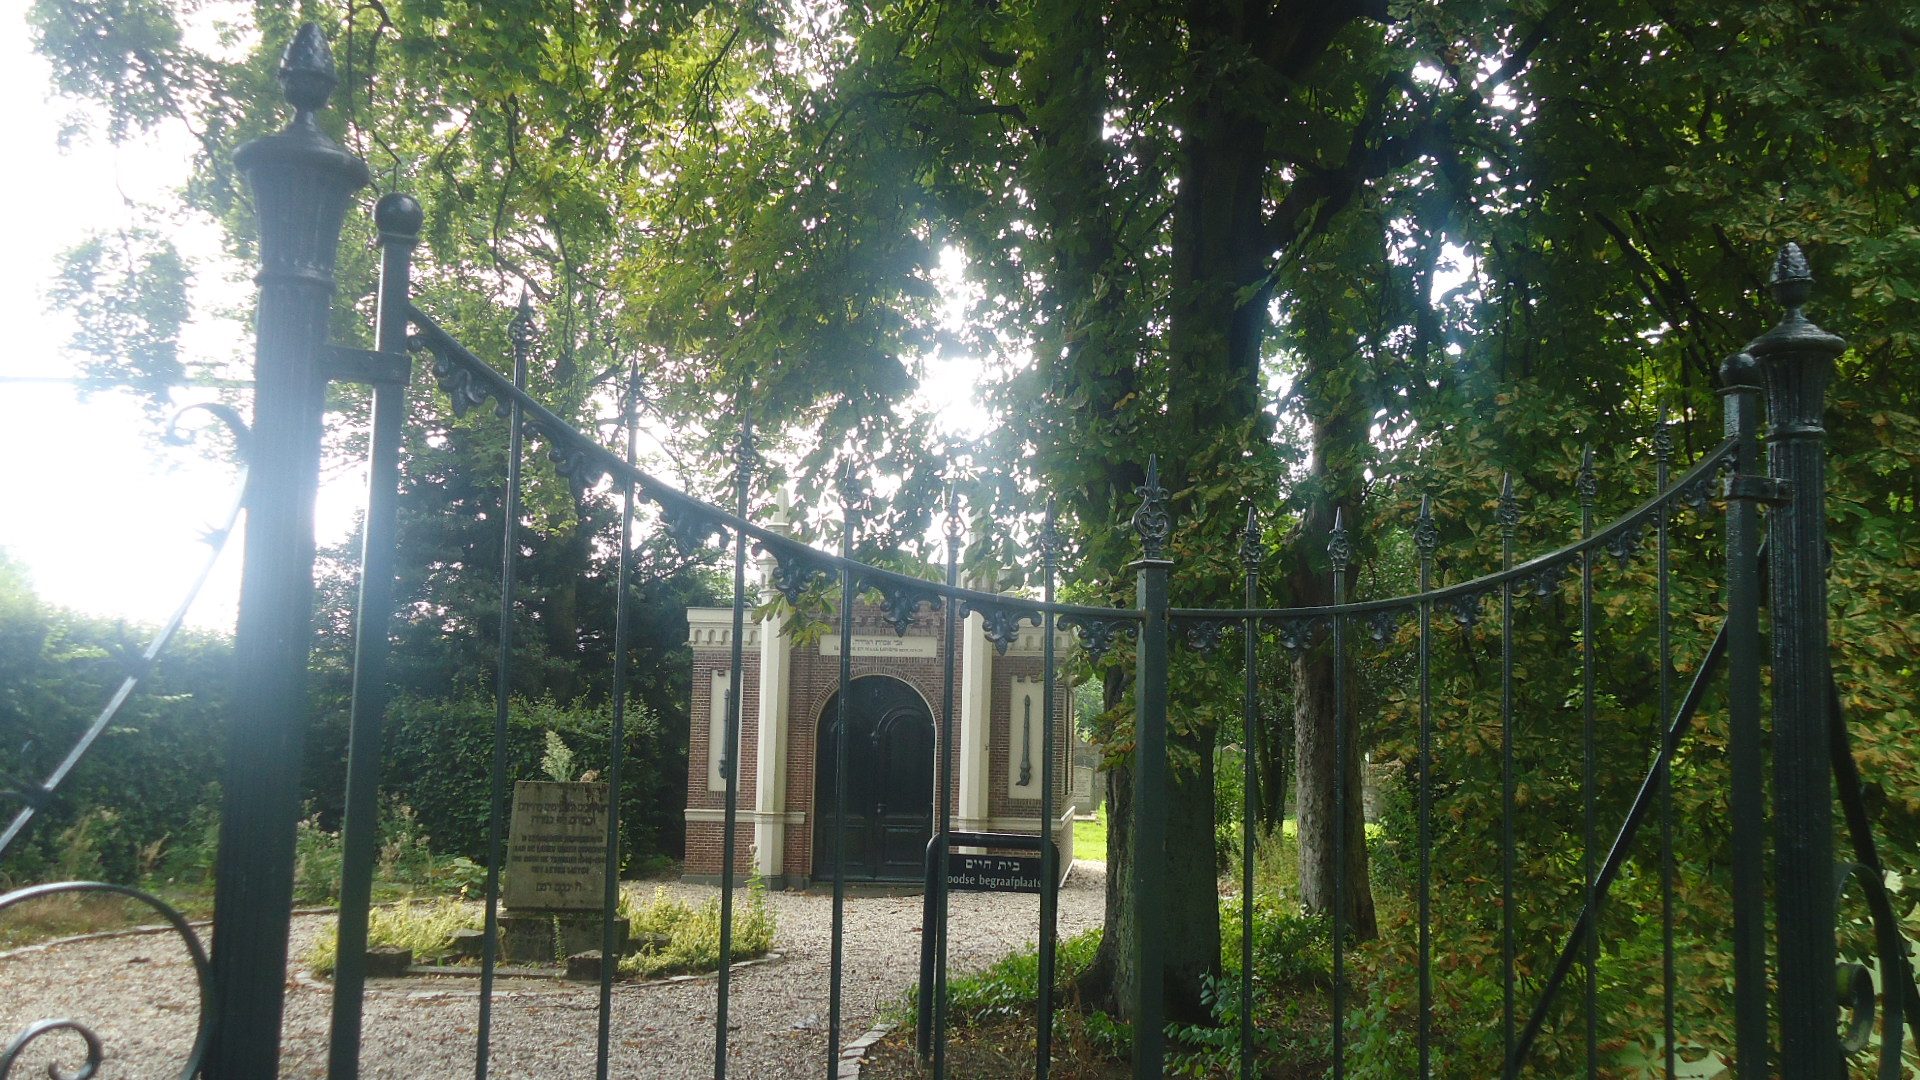 Getuigen gezocht in verband met bekladding Joodse graven